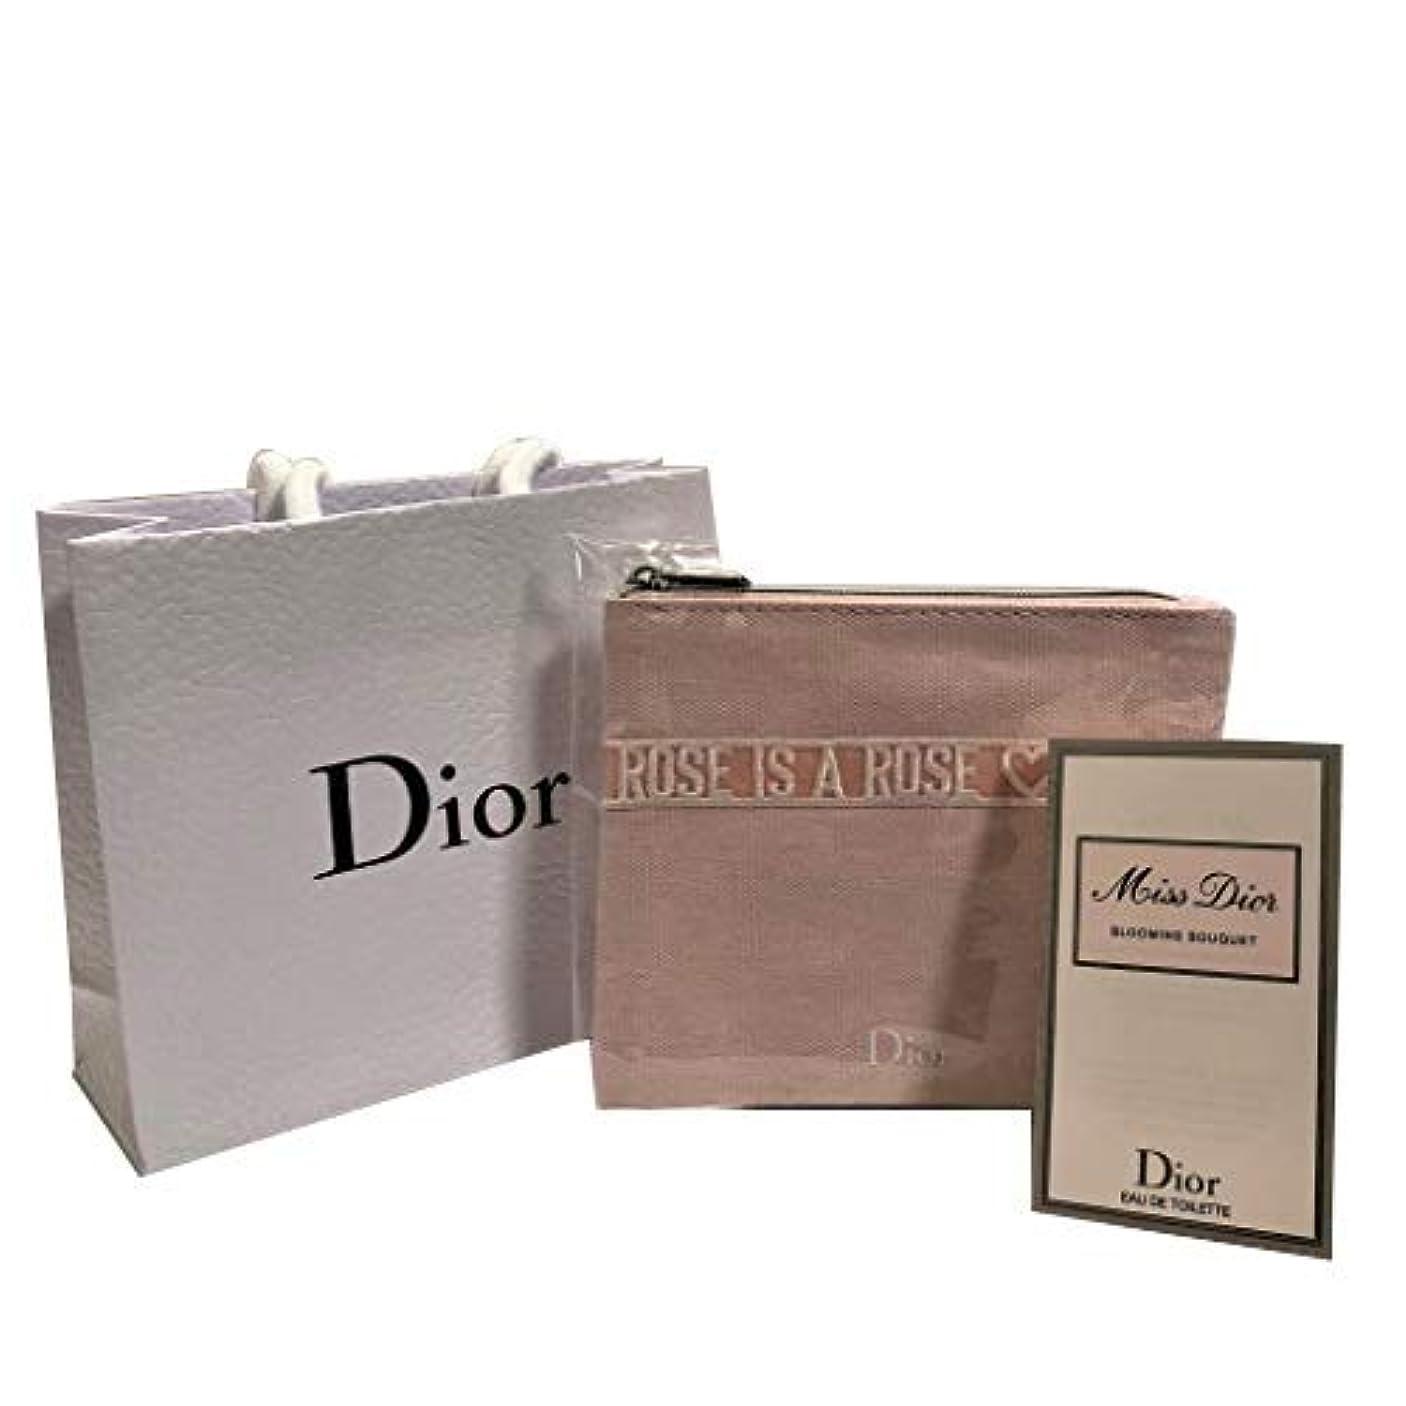 バラバラにするボート事件、出来事Dior ディオール ミニポーチセット( ミス ディオール ブルーミング ブーケ EDT SP 1ml)